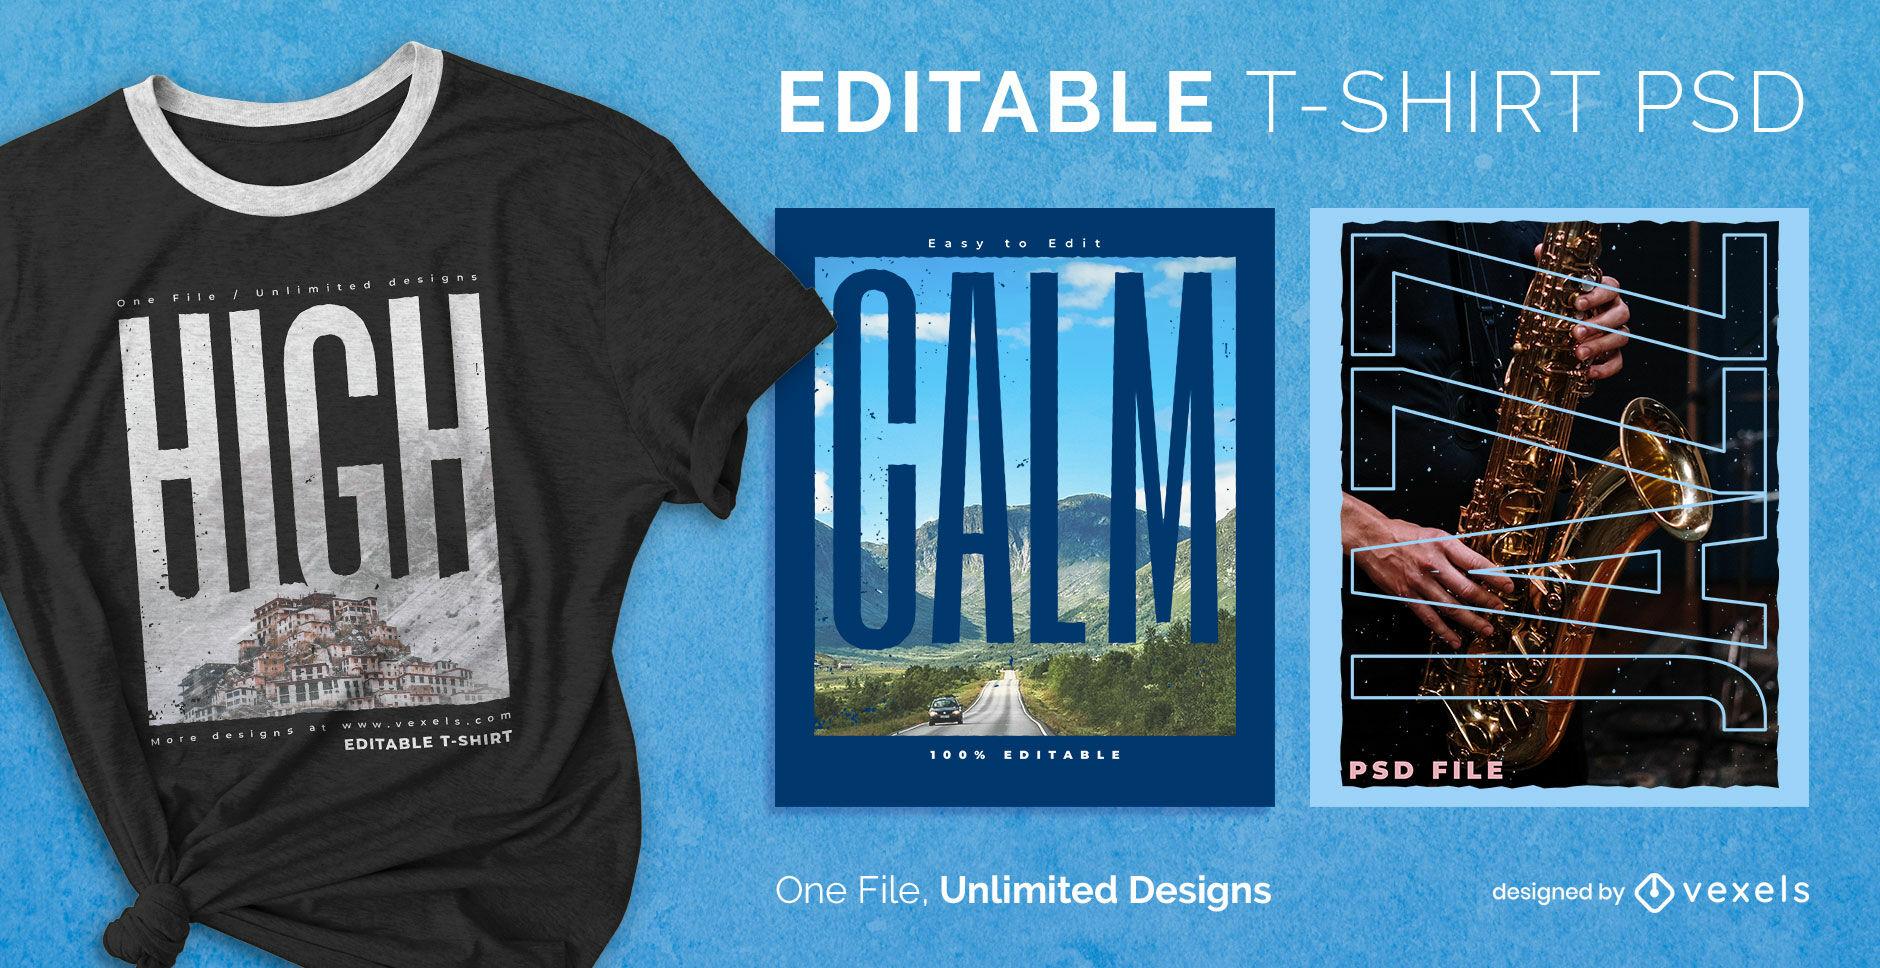 Big text image scalable psd t-shirt design